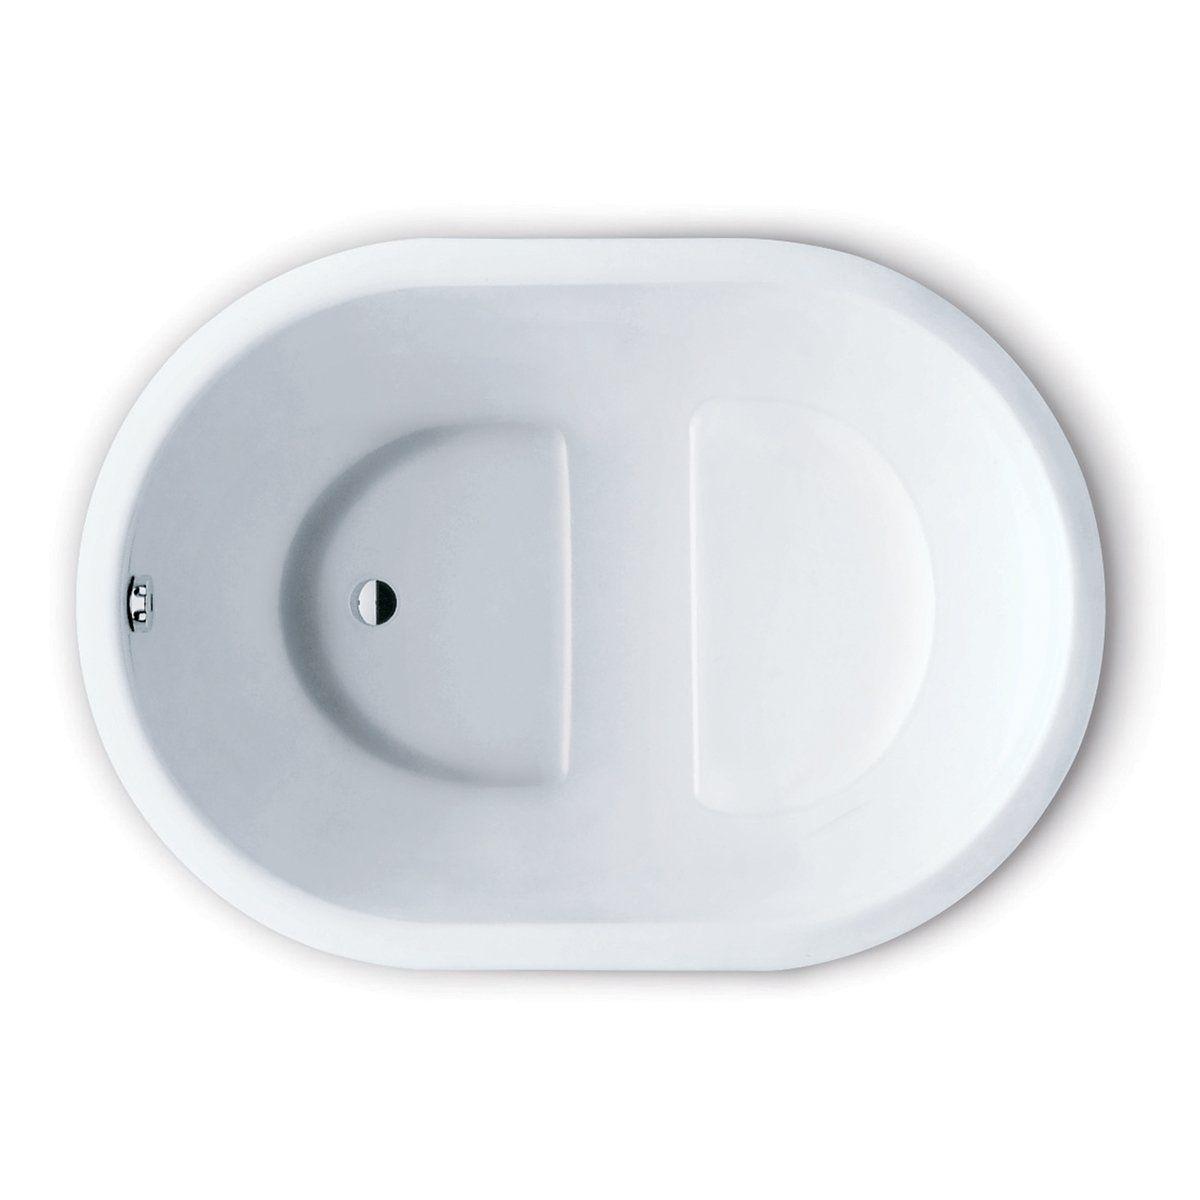 Kaldewei 177 Kusatsu Pool Oval Tub Soaking Bathtub | Bathroom Ideas ...